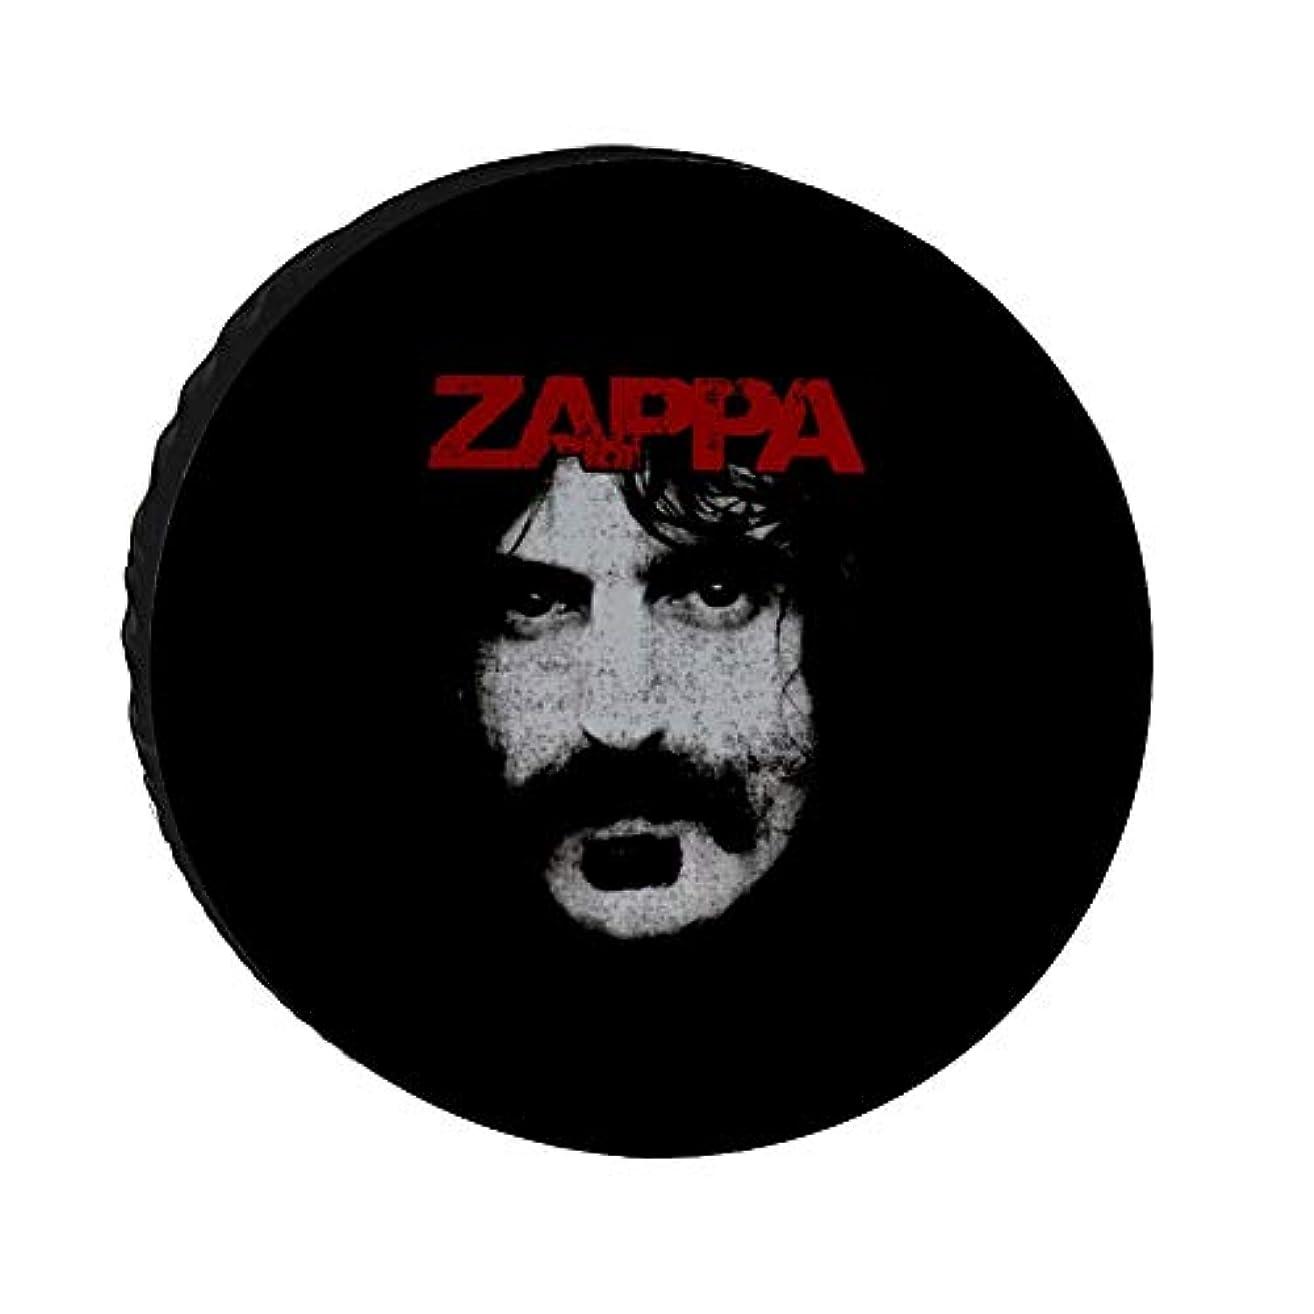 番目寄稿者摂氏Oxford Cloth Tire Cover フランクザッパ Frank Zappa オックスフォード布タイヤカバースペアホイール防塵タイヤカバージープトレーラーSUVトラックトレーラーアクセサリーホイールカバー15インチ